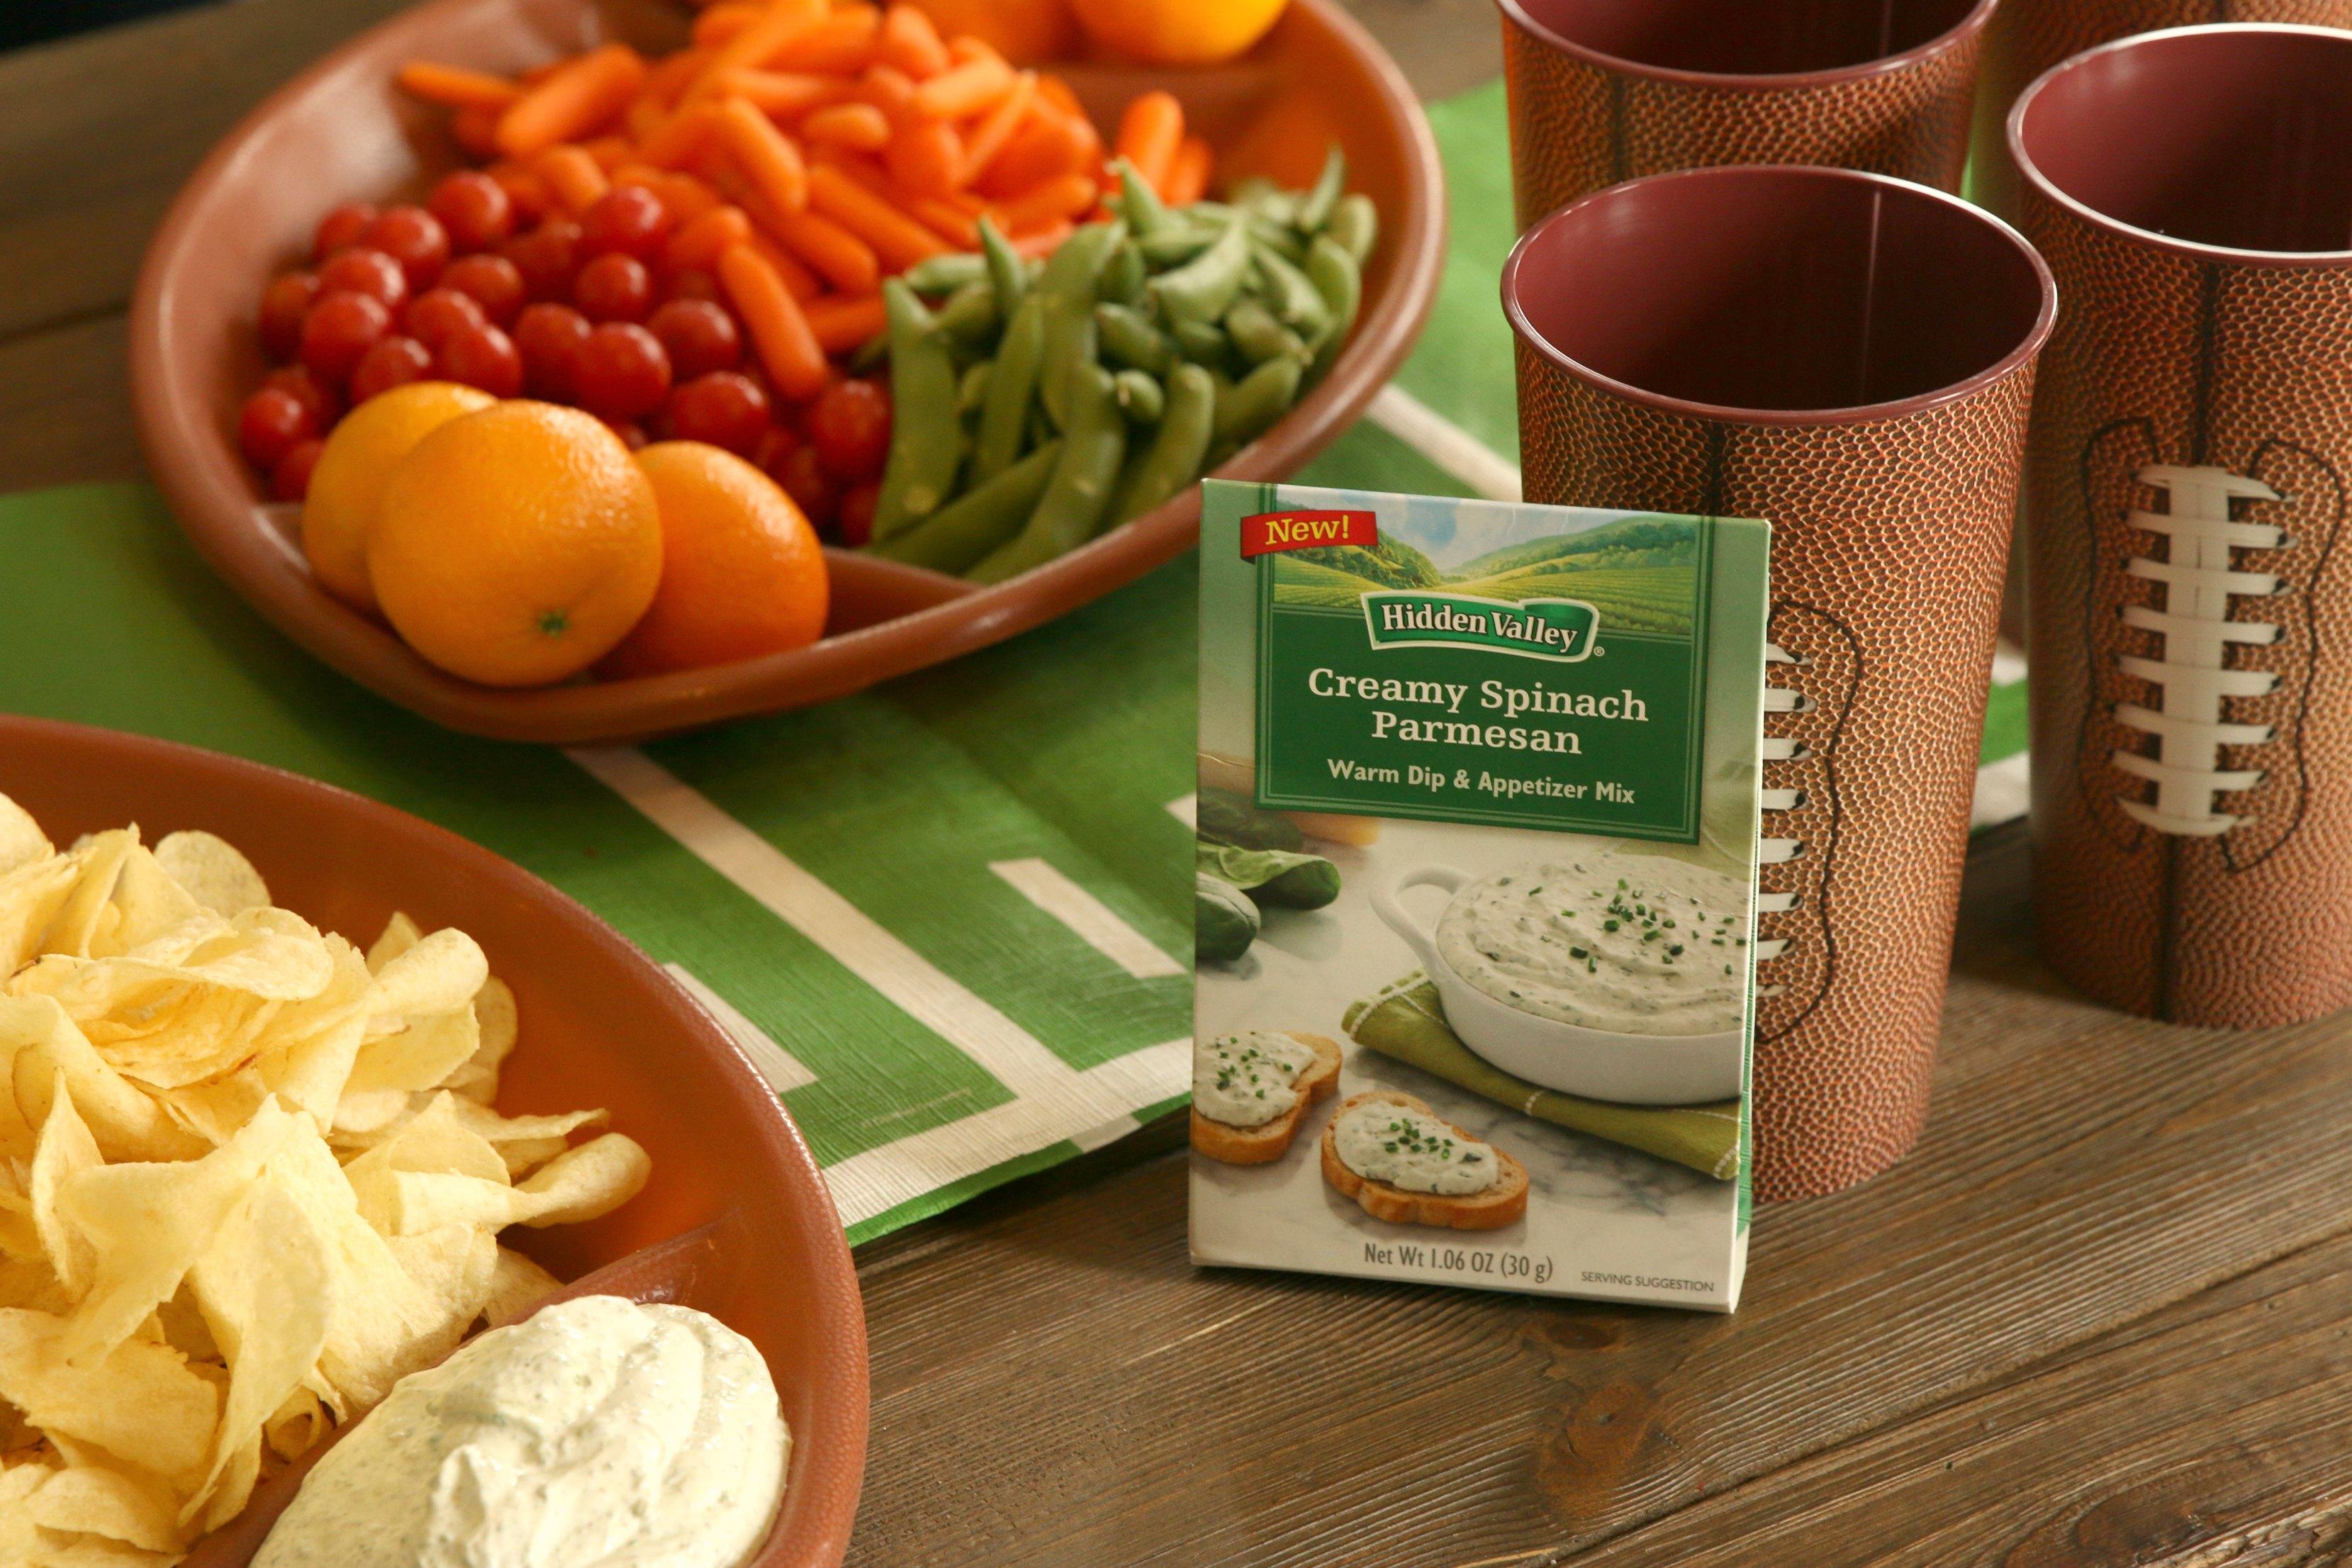 hidden valley creamy spinach